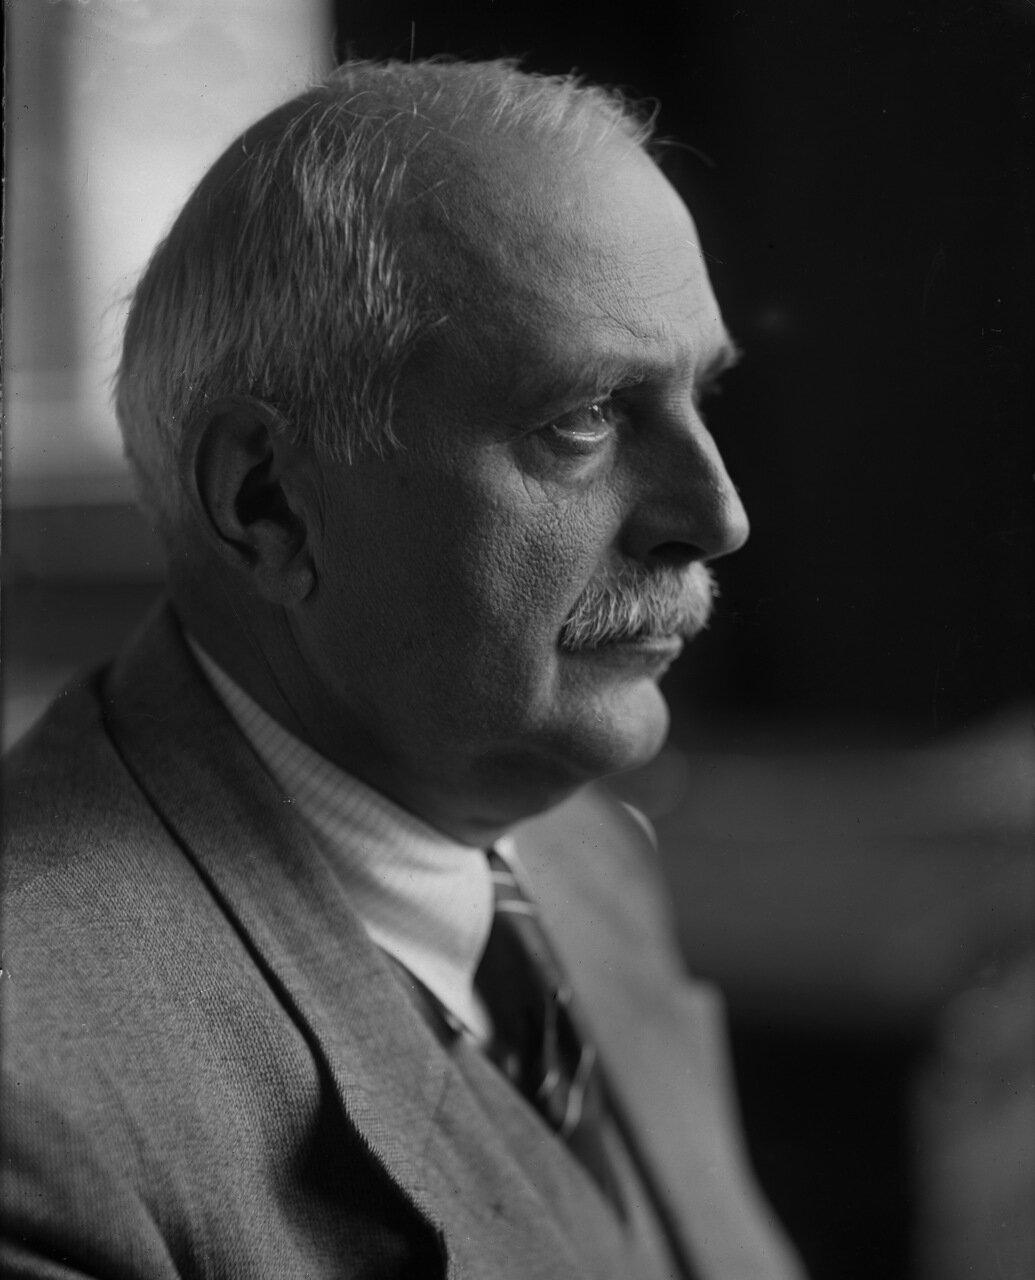 Веденеев Борис Евгеньевич (21 декабря 1885 (2 января 1884), Тифлис, — 29 сентября 1946, Москва) — русский и советский учёный, энергетик и гидротехник. Лауреат Сталинской премии первой степени (1943)